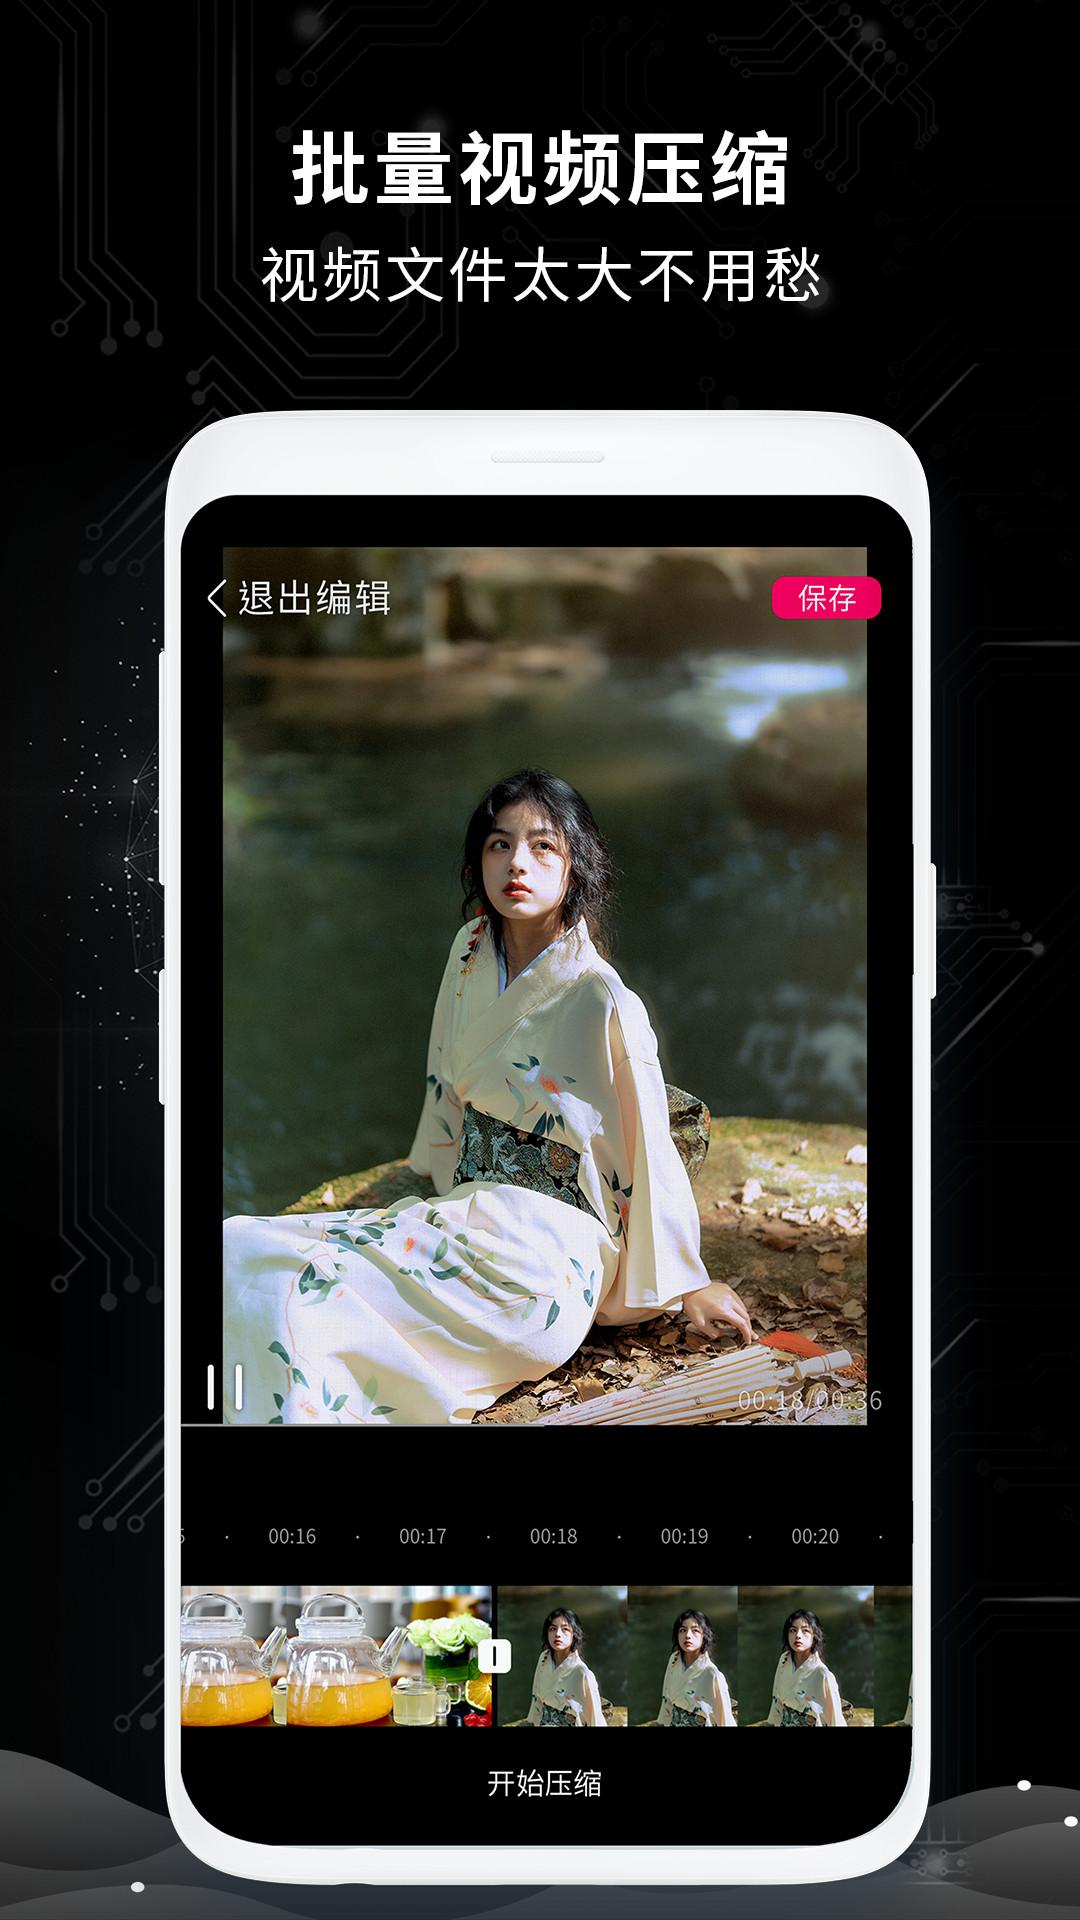 全能剪辑王软件下载手机版图片1